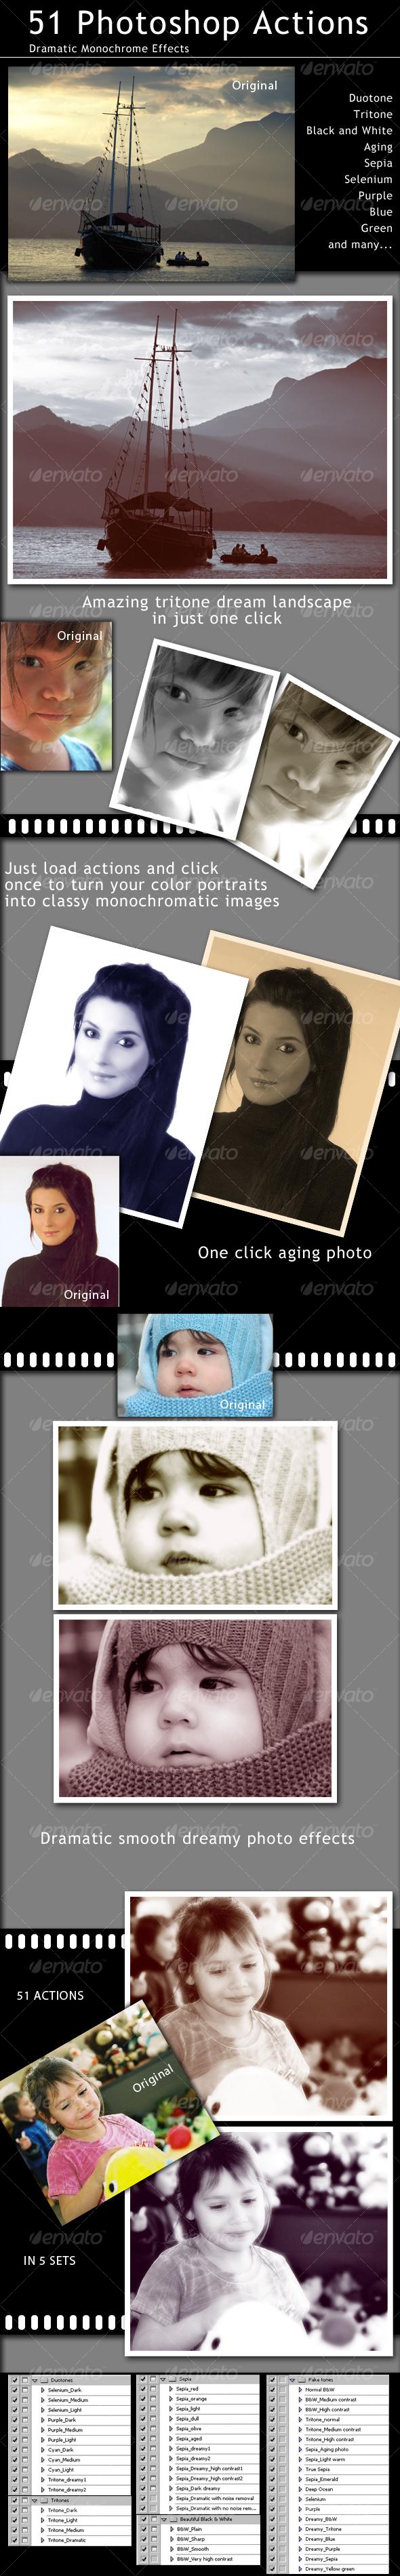 GraphicRiver 51 Amazing Photo Actions 112156